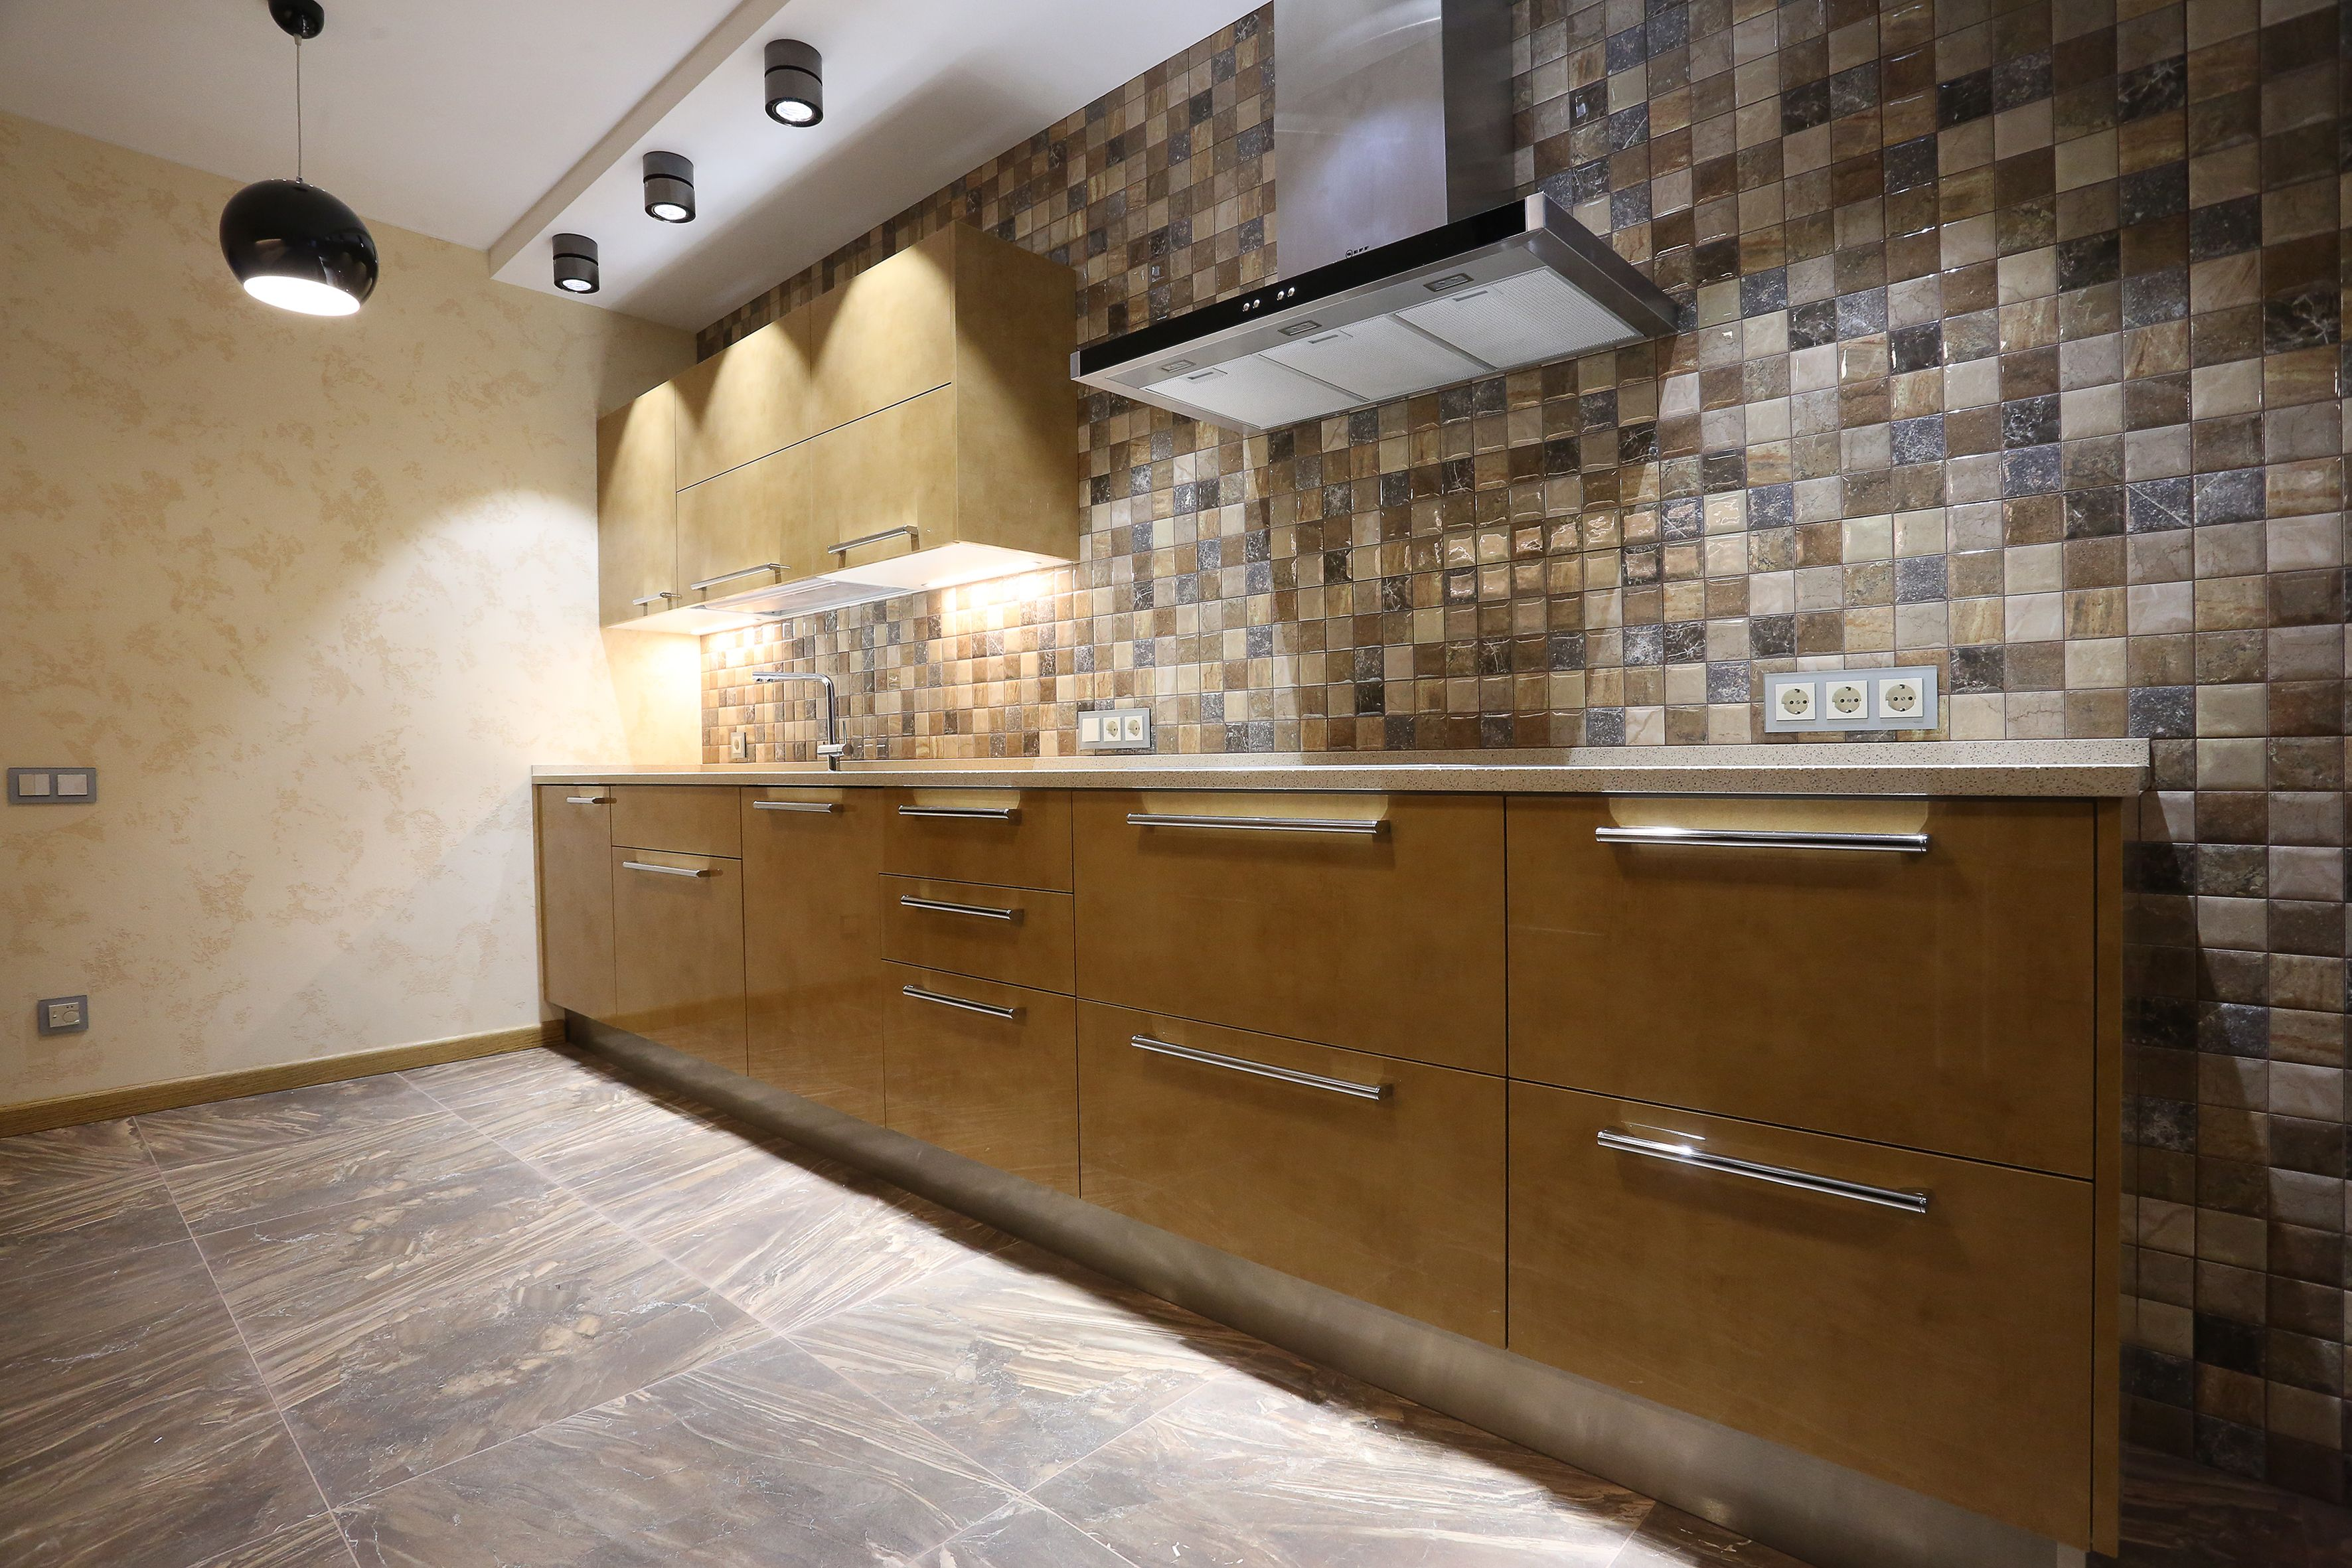 Рейтинг лучших фирм по ремонту квартир в Волгограде в 2021 году